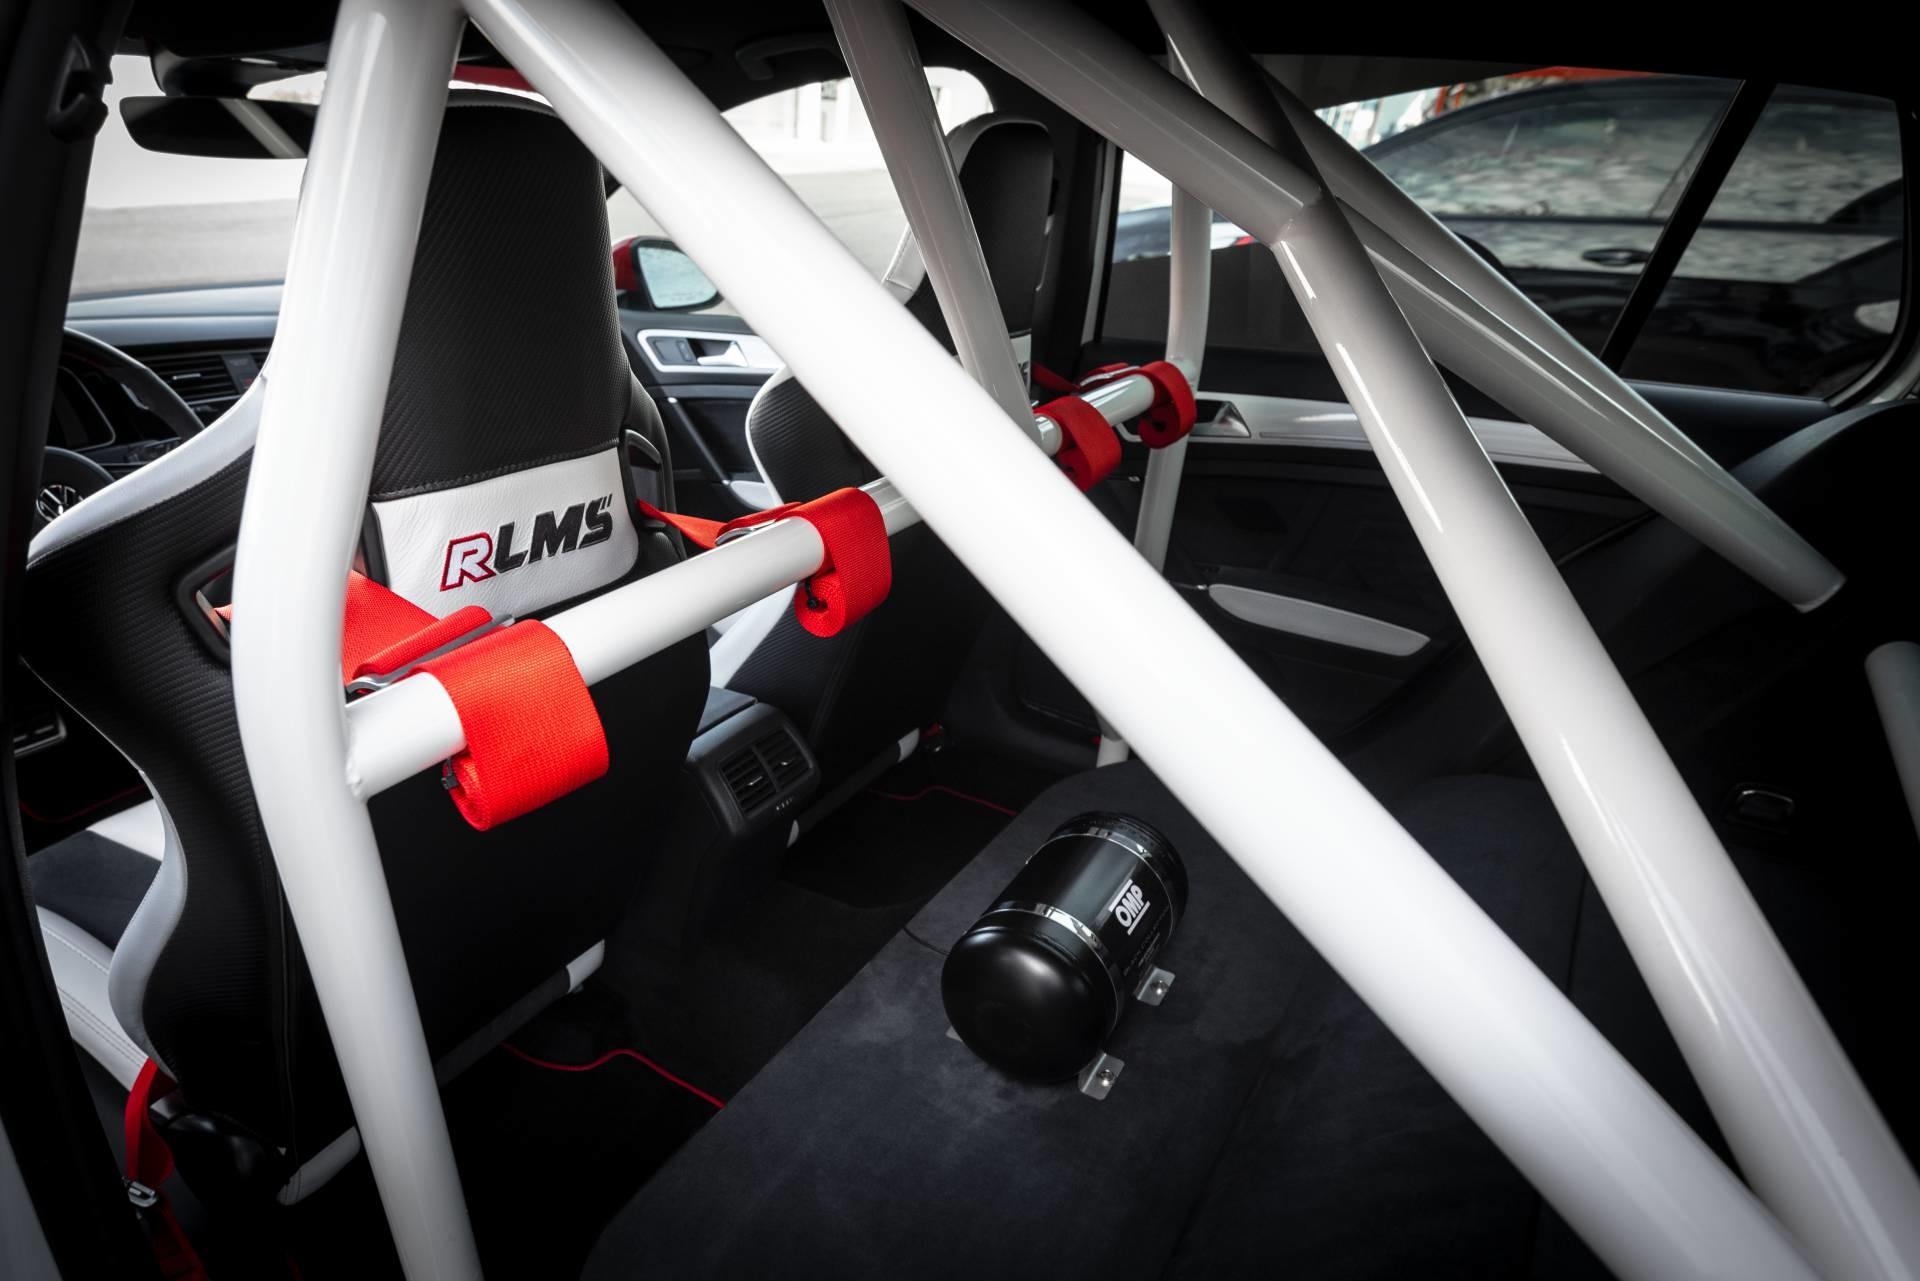 Foto de APR Volkswagen Golf RLMS (14/15)